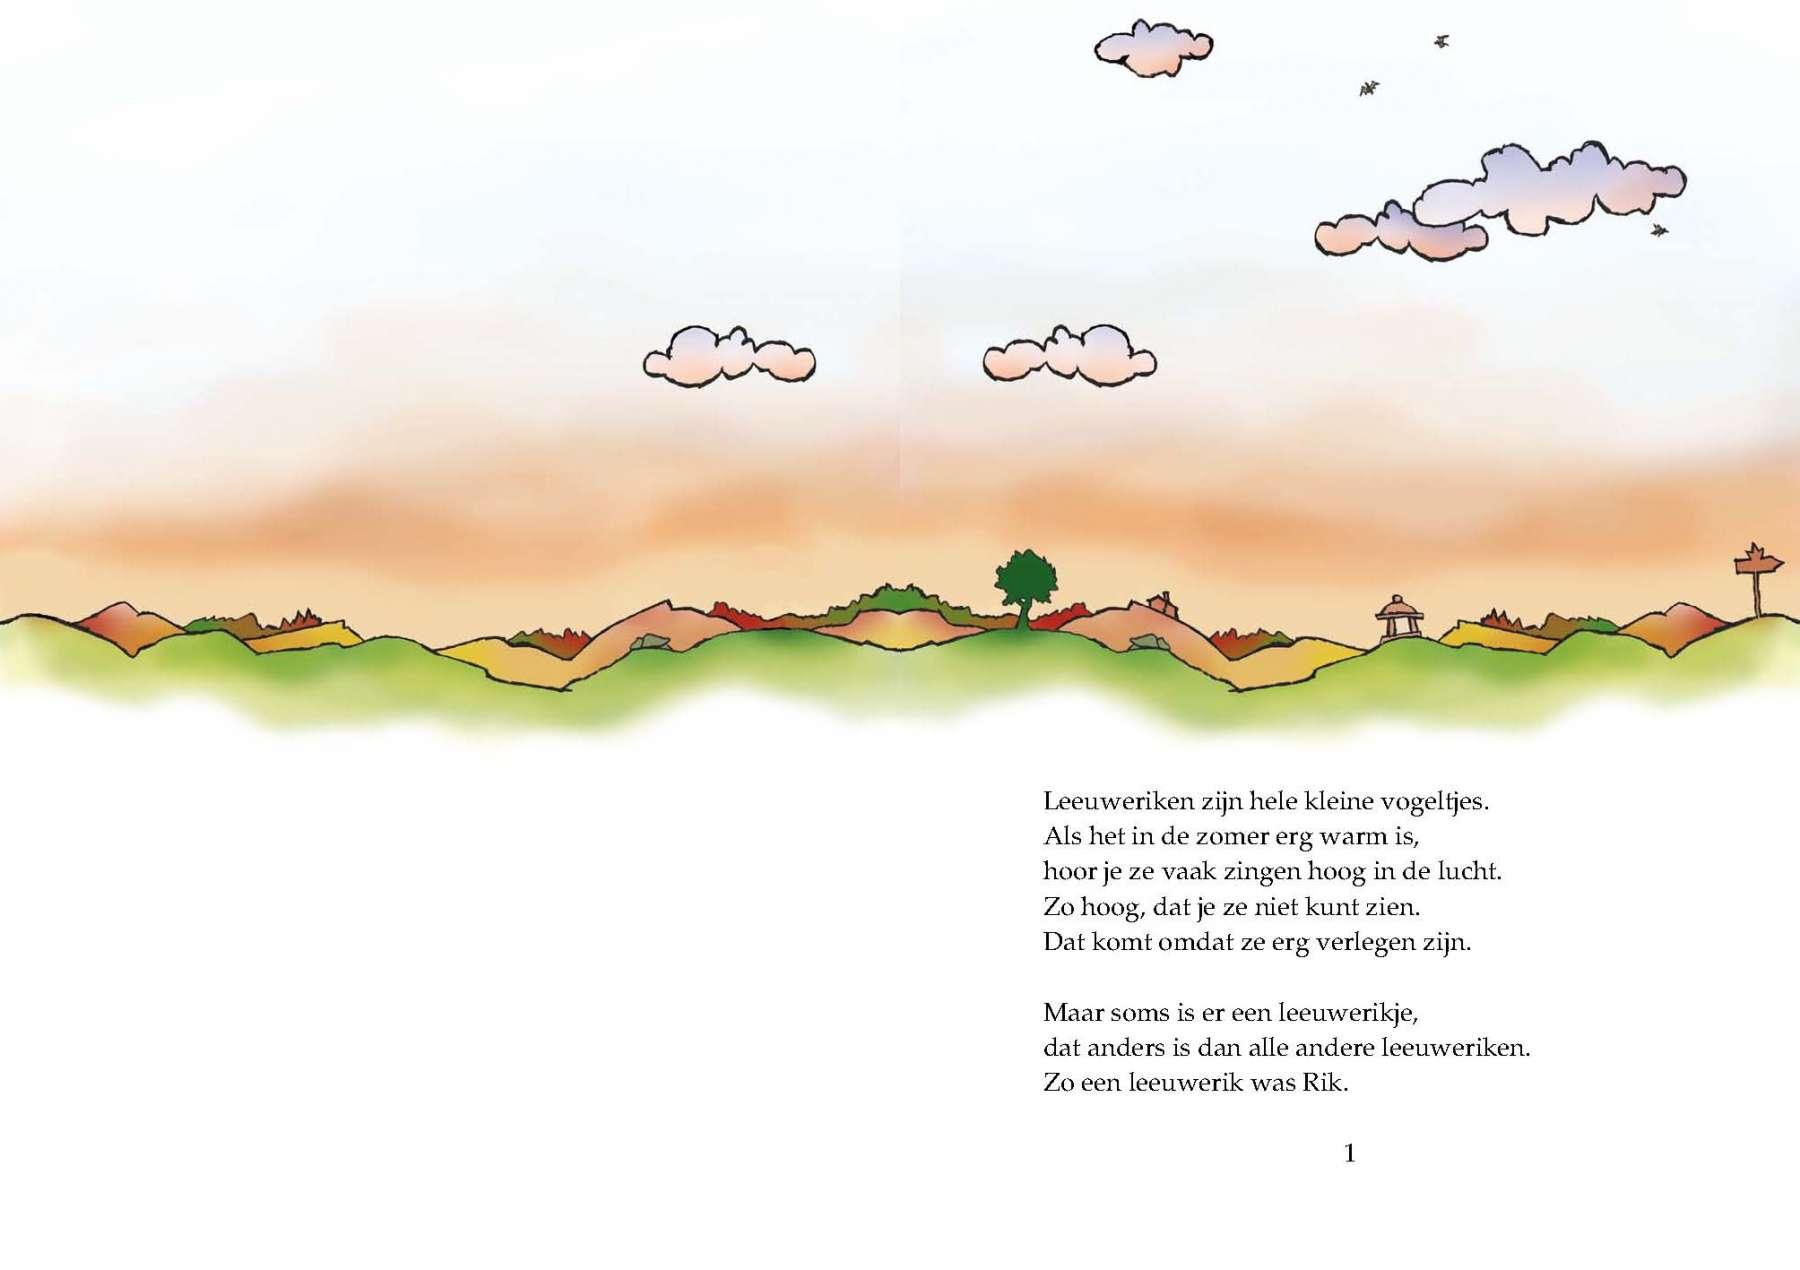 Rik de Leeuwerik - Uitgeverij Maanvis - Leesboek voor 7 - 9 jaar.<br>Rik wil leren hoe je andere dieren bang kunt maken. Maar voor een klein vogeltje is dat erg moeilijk. Dan ontdekt hij iets waar hij wel heel goed in is.